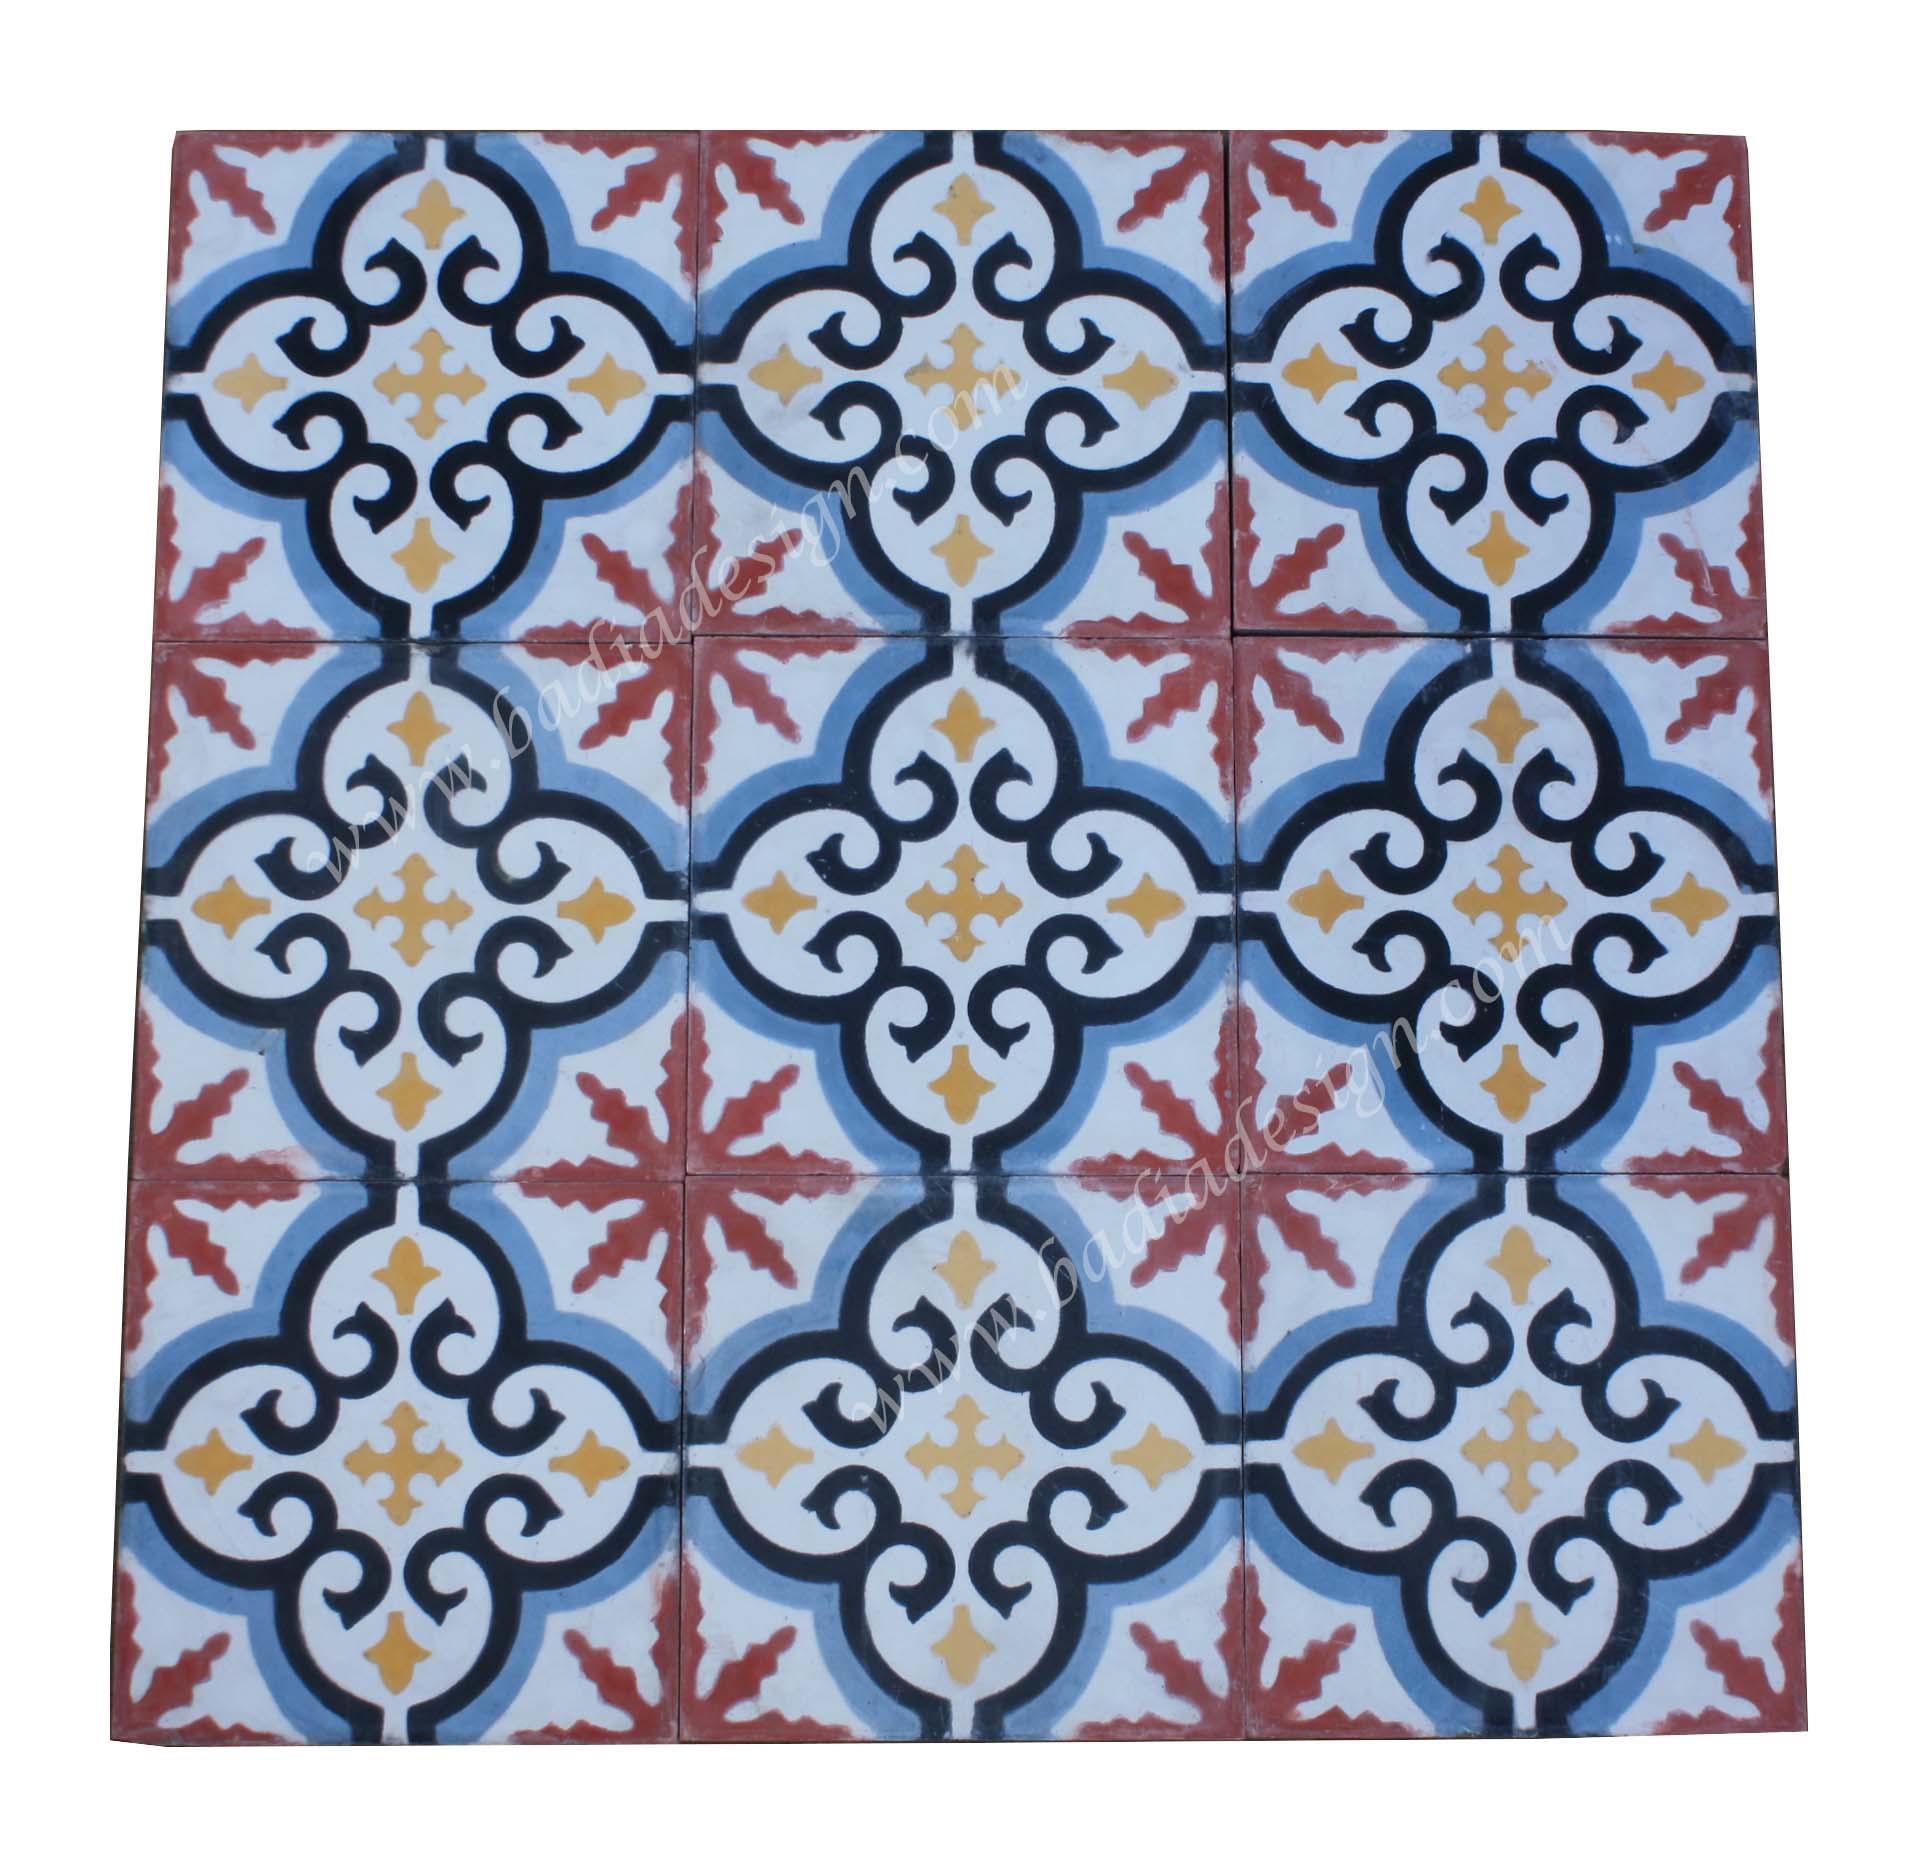 los-angeles-floor-tile-store-ct093-1.jpg